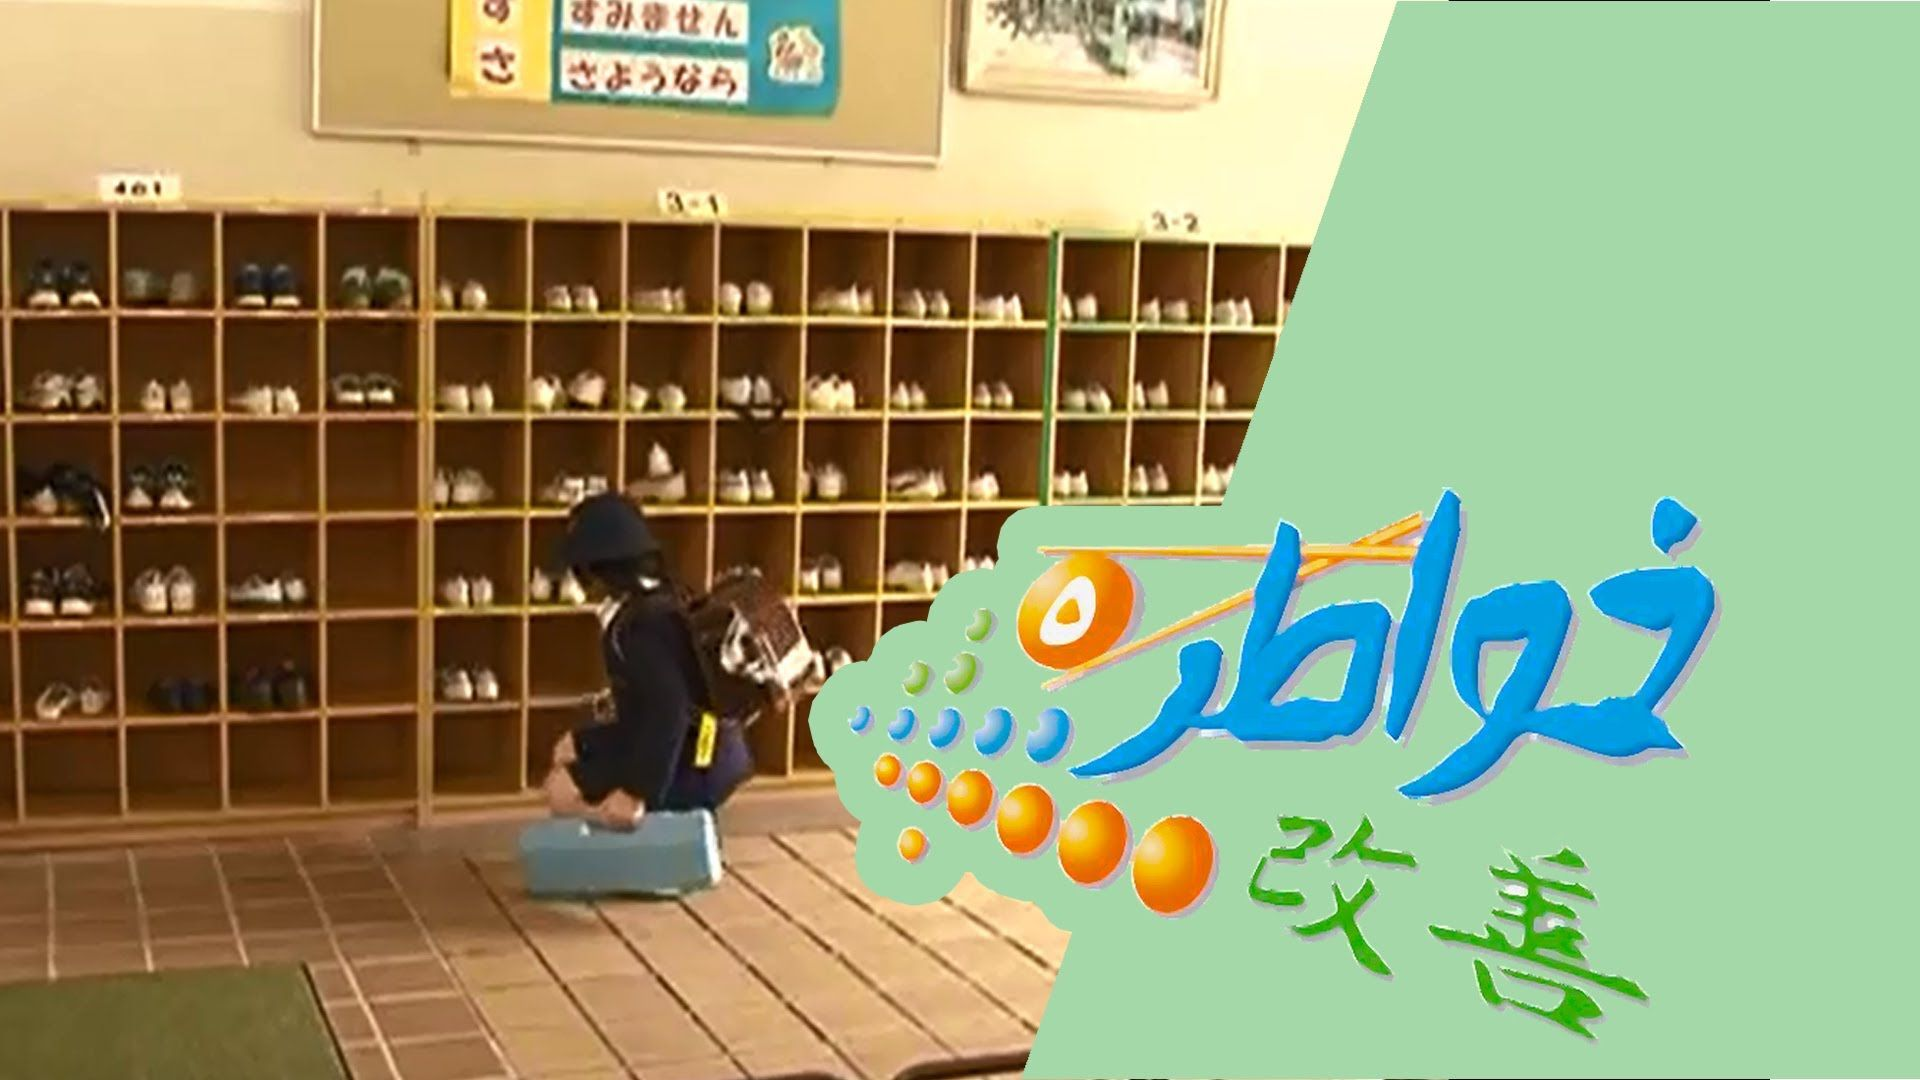 خواطر 5 جزم محترمه الحلقة 18 كاملة Desktop Screenshot Screenshots Desktop